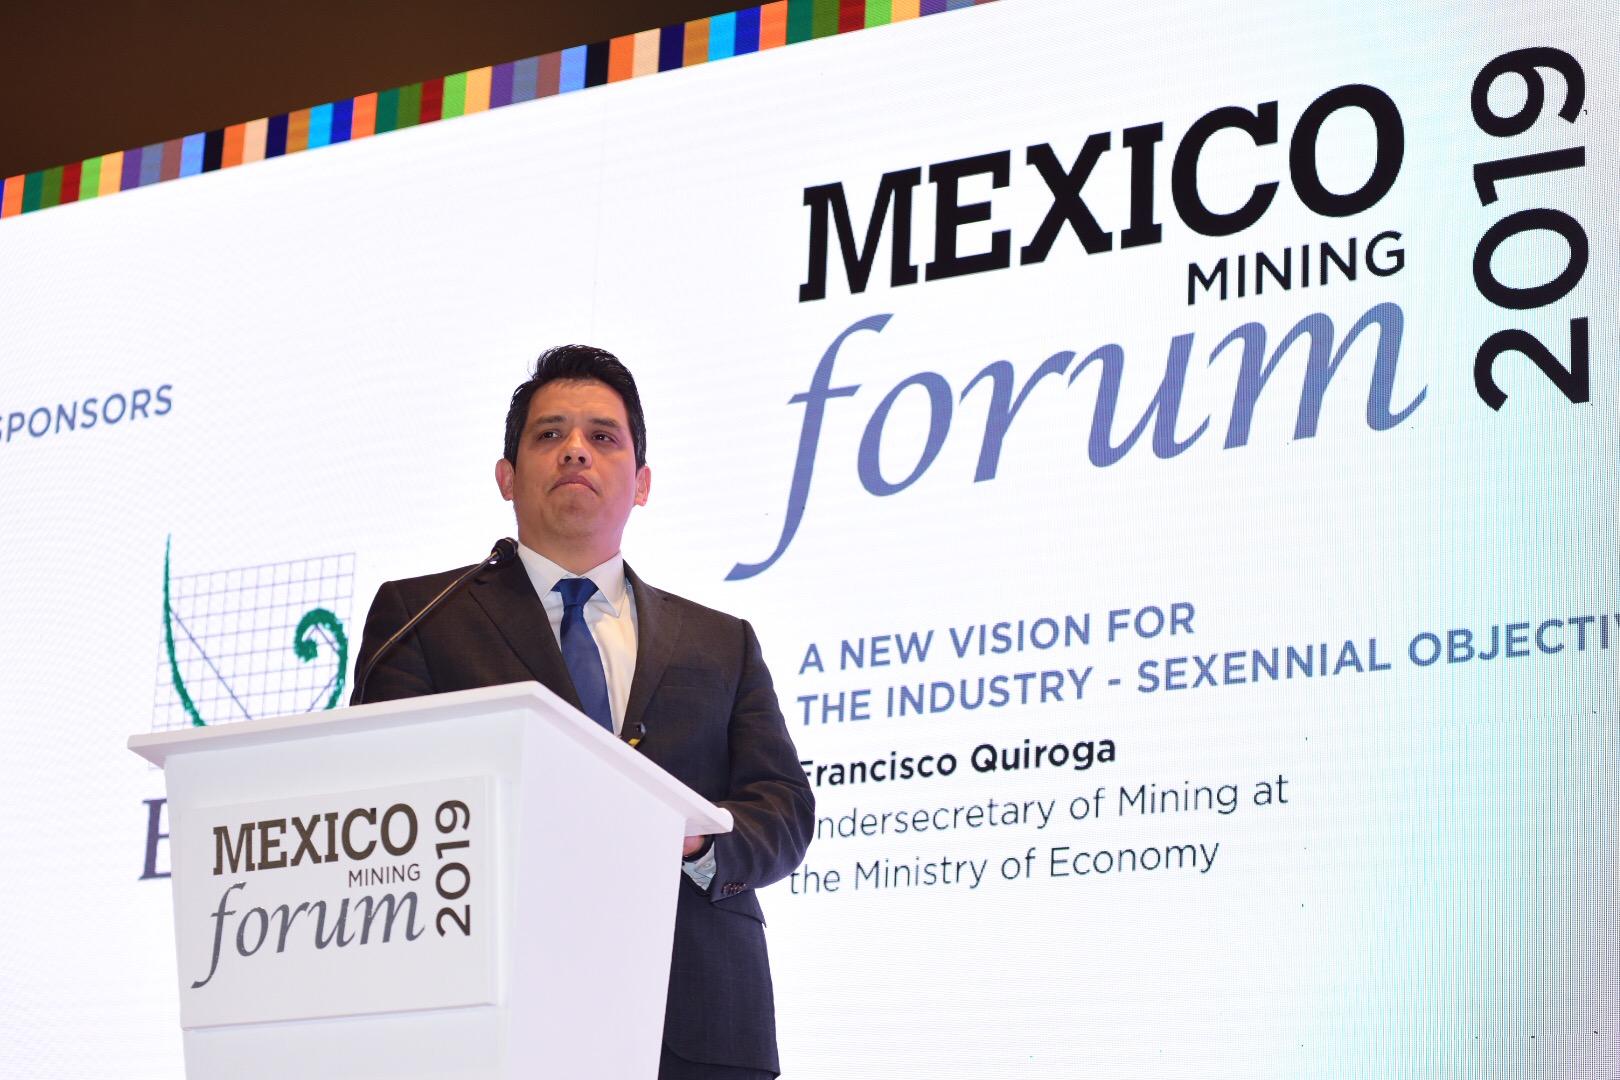 Minería mexicana abierta a inversiones: Francisco Quiroga